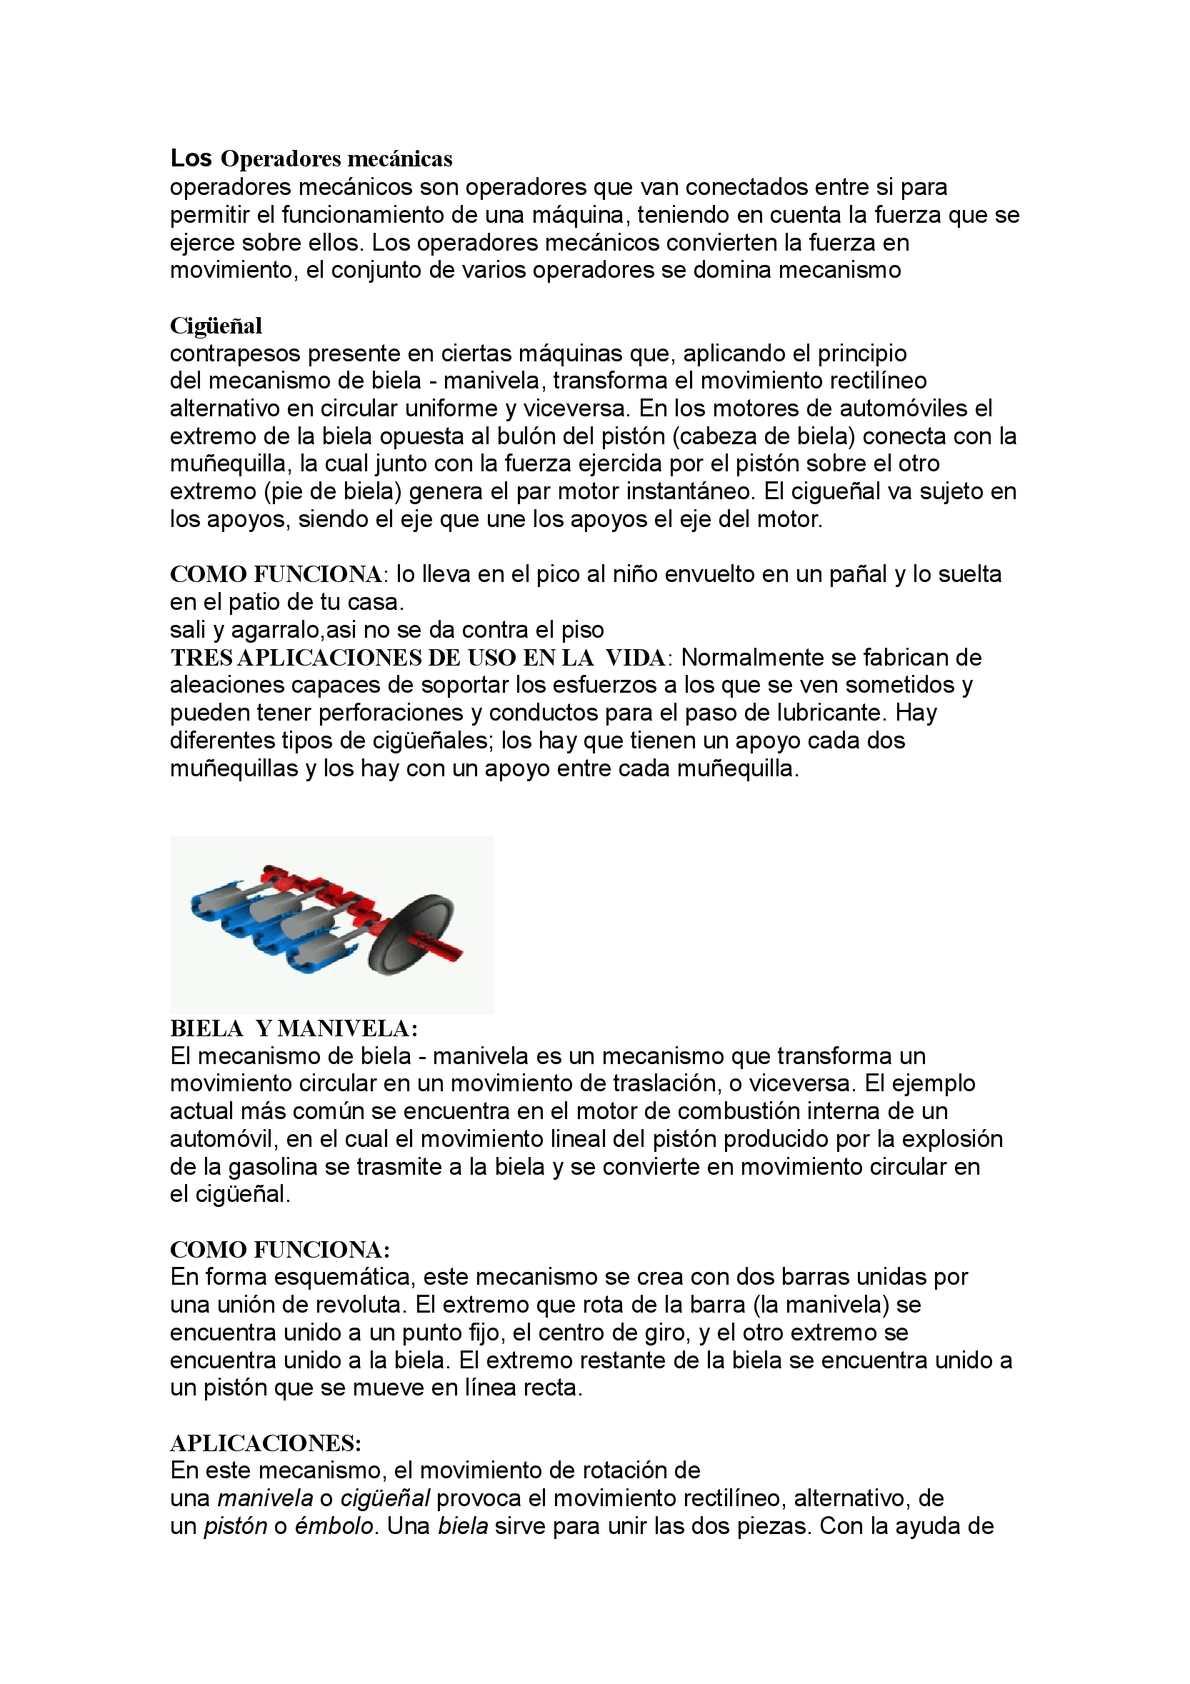 Biela manivela usos y aplicaciones